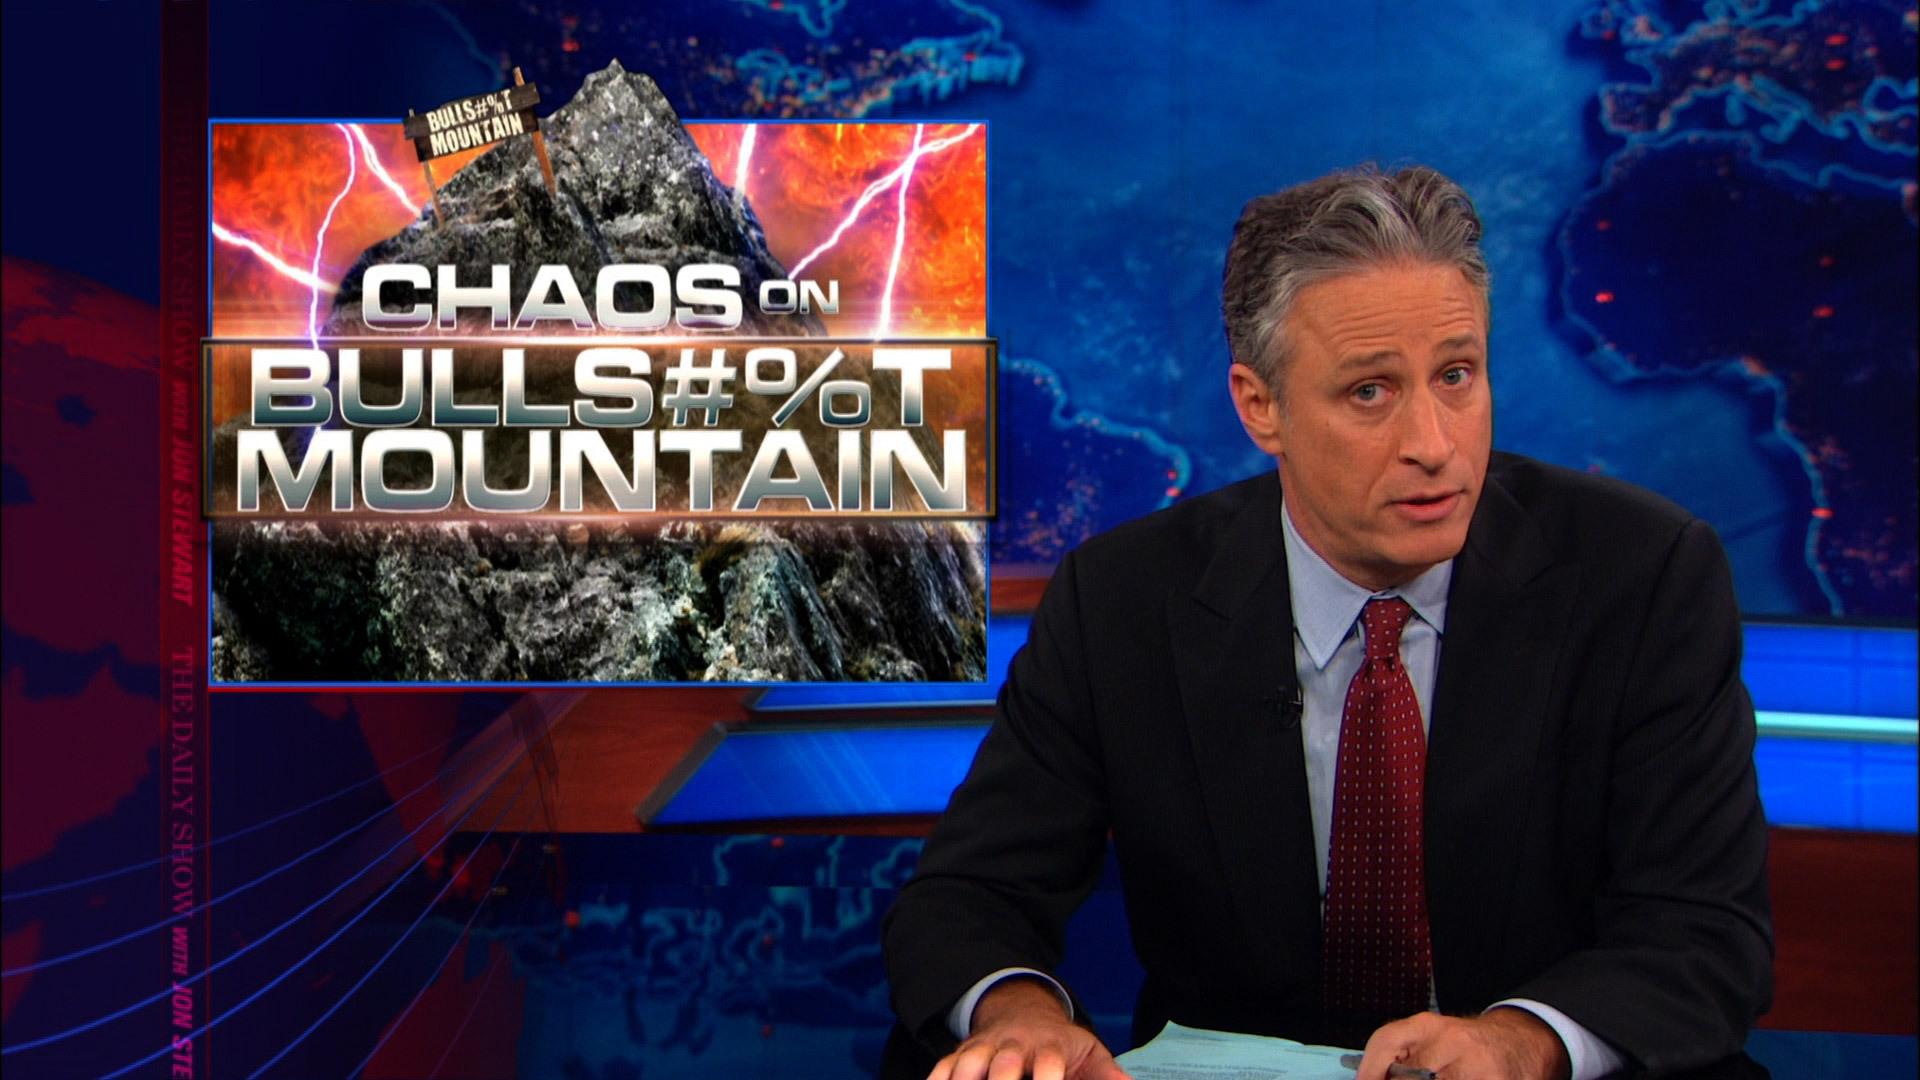 - Chaos on Bulls**t Mountain